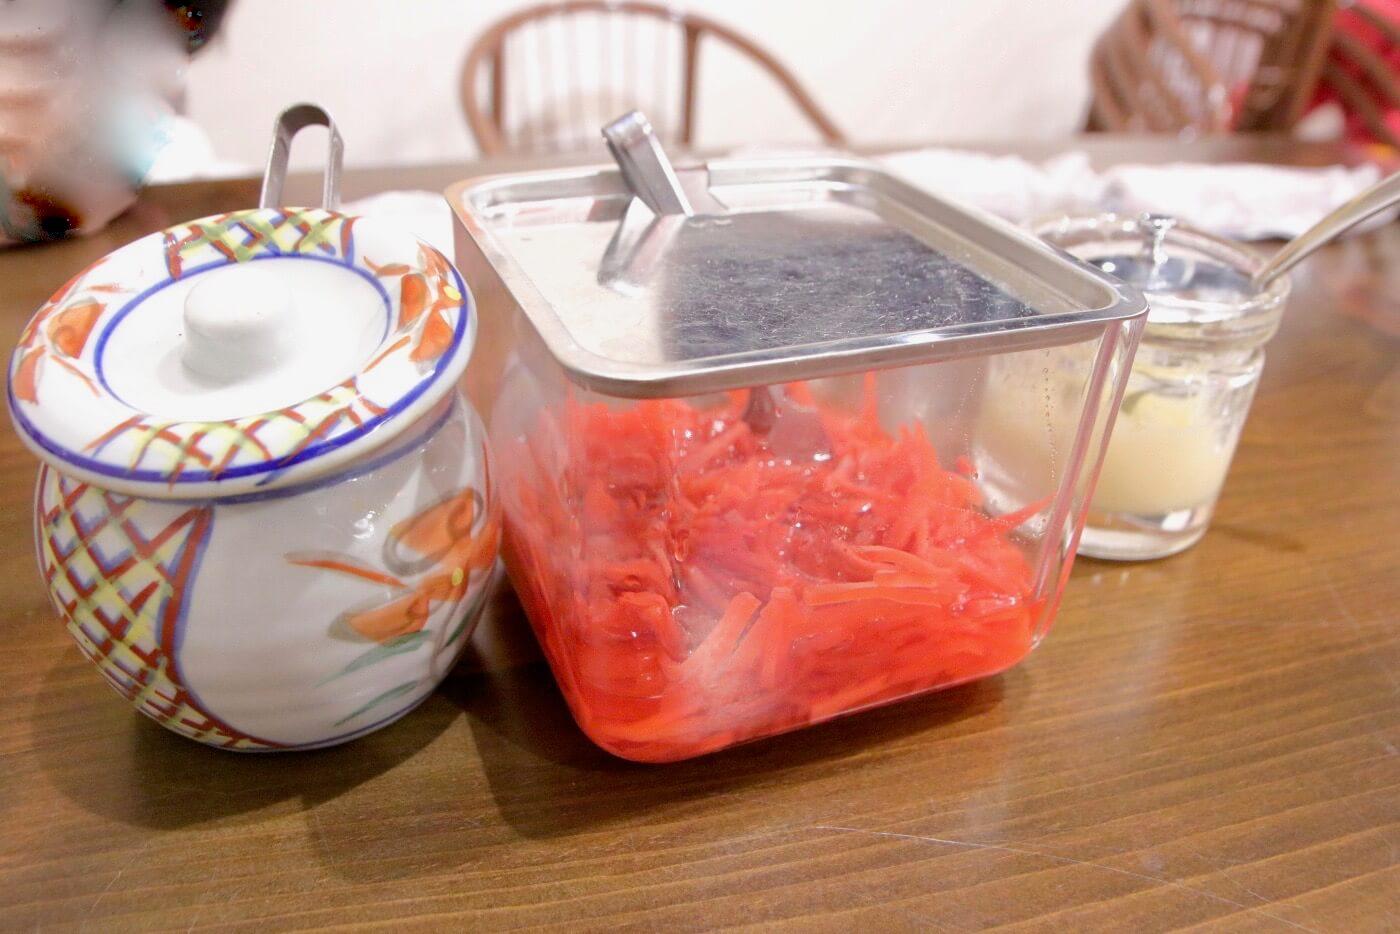 らーめん食堂あぐら家 辛子高菜と紅生姜とおろしニンニク